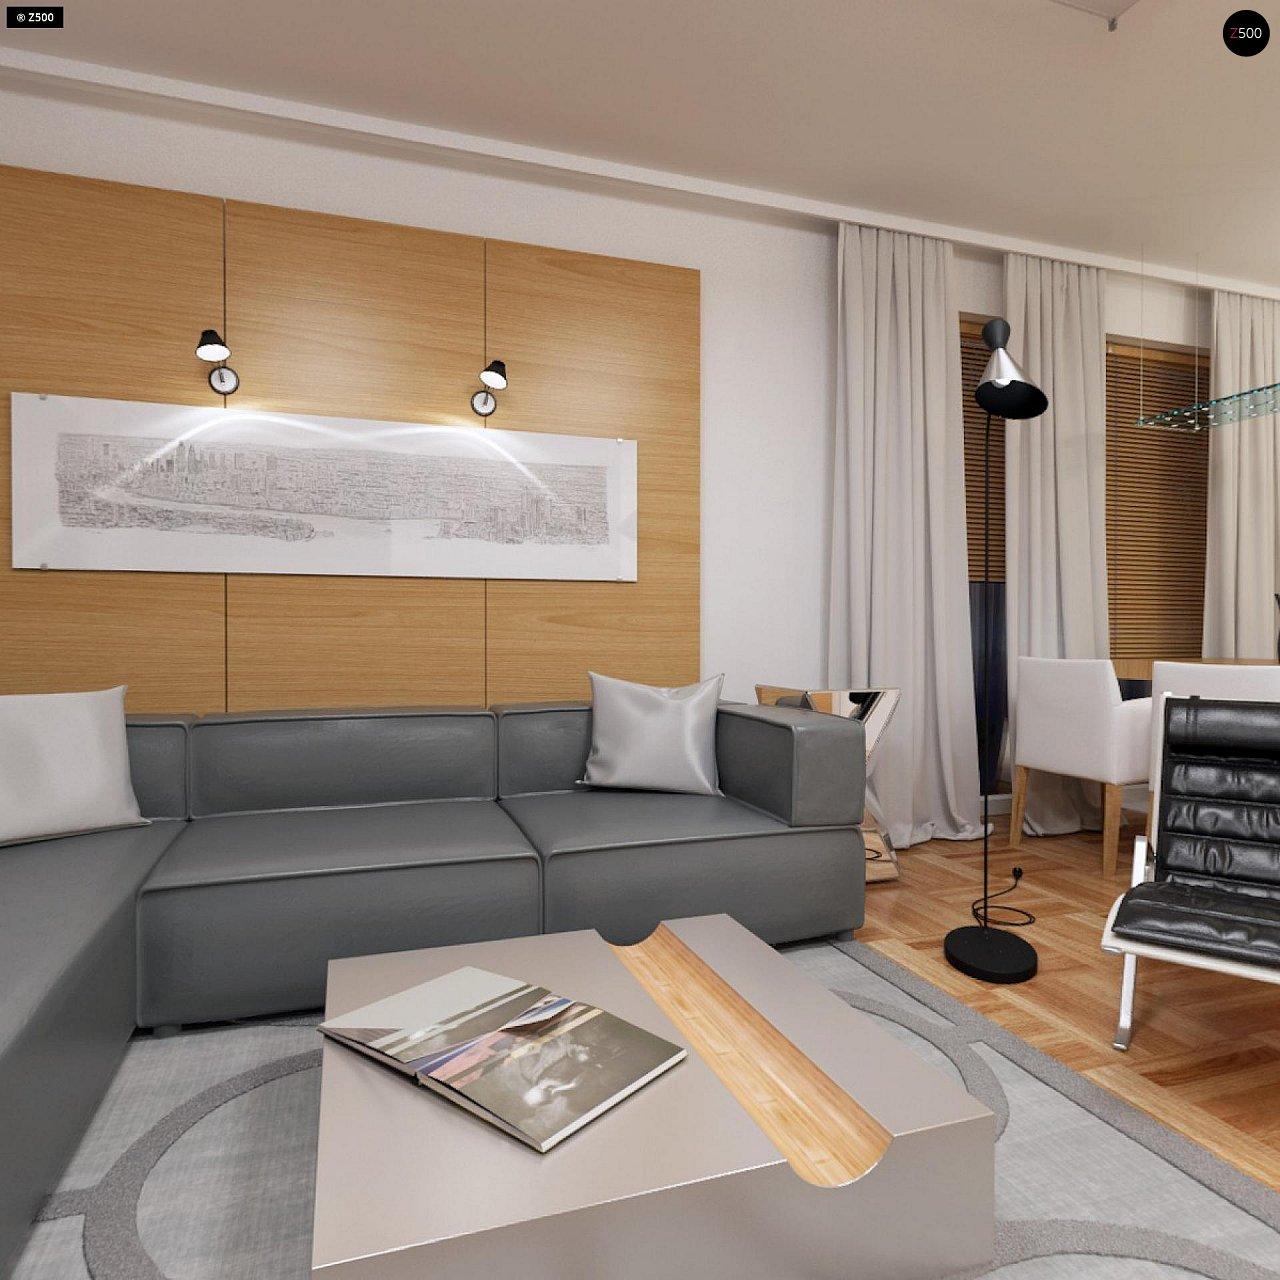 Компактный одноэтажный дом простой формы с возможностью обустройства чердачного помещения. 8